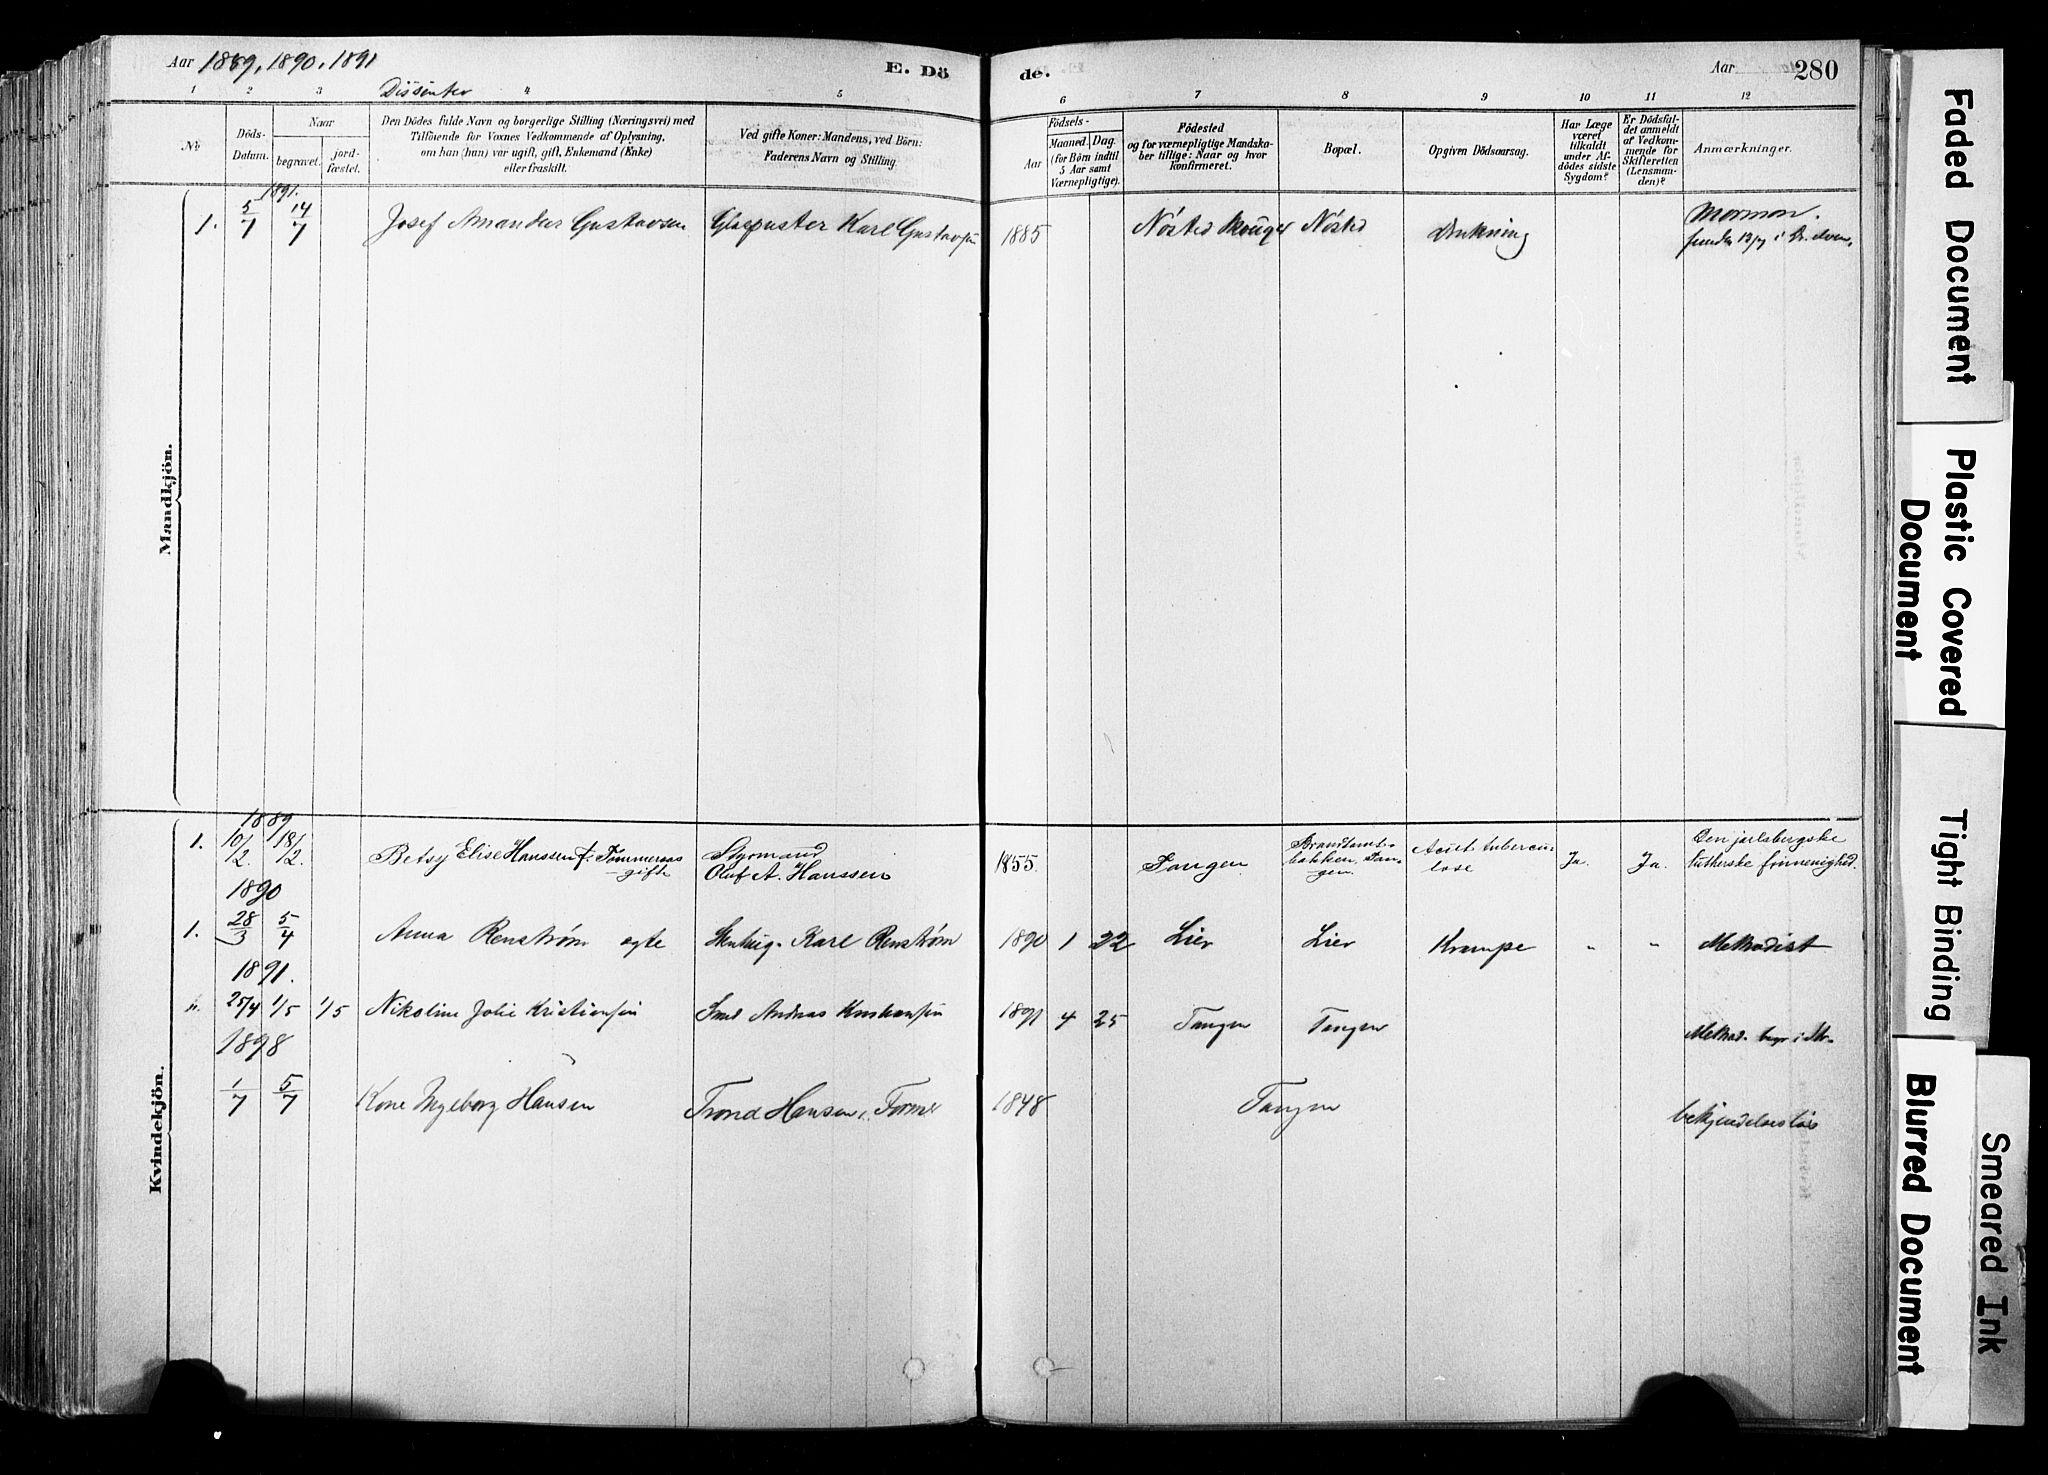 SAKO, Strømsø kirkebøker, F/Fb/L0006: Ministerialbok nr. II 6, 1879-1910, s. 280